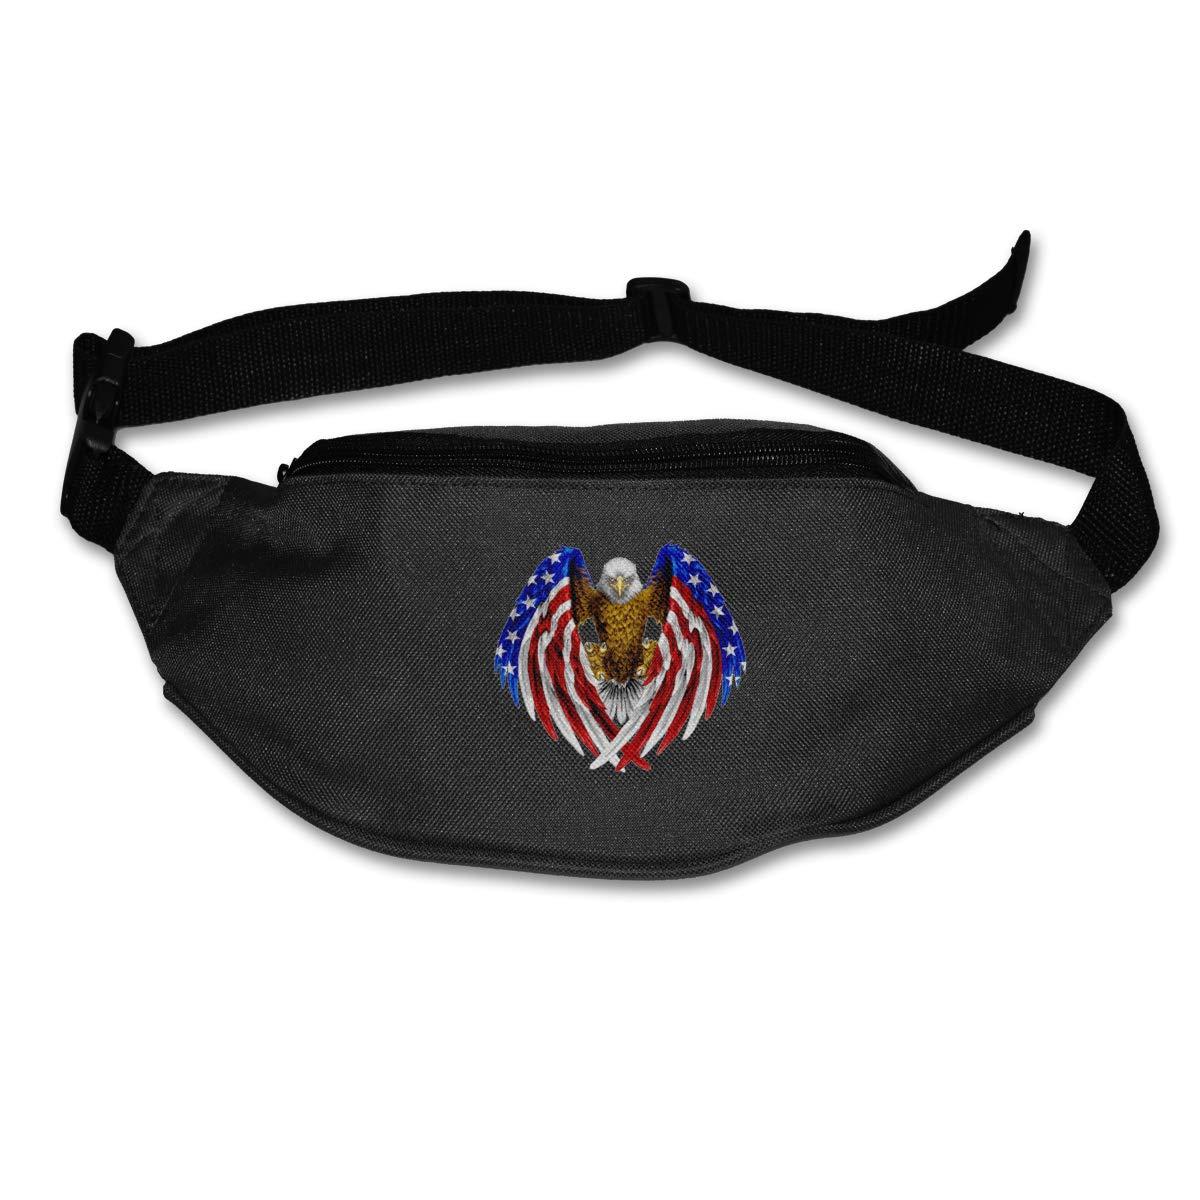 Eagle American Flag Sport Waist Bag Fanny Pack Adjustable For Hike